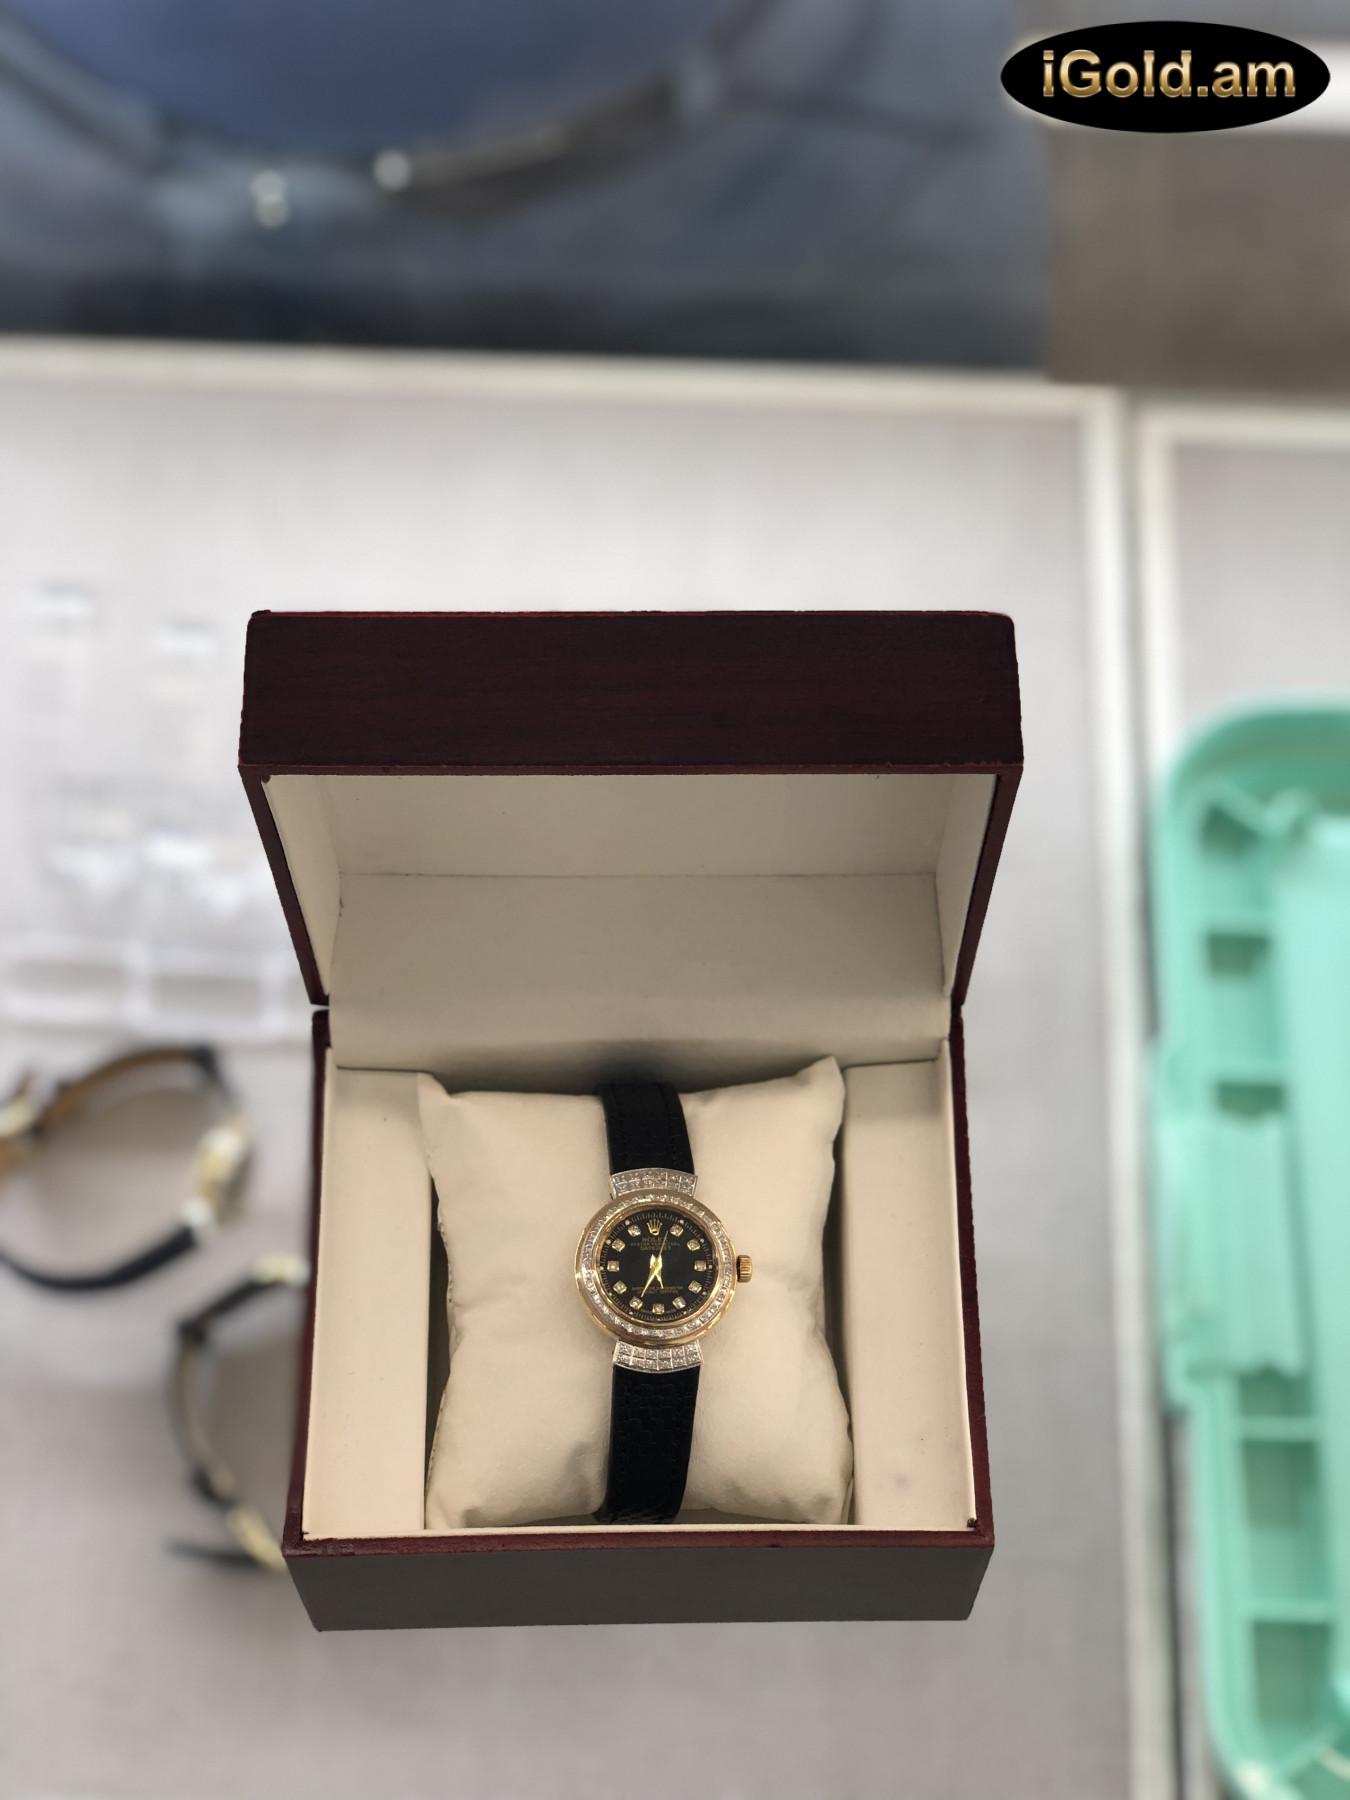 Ոսկյա կանացի ժամացույց ադամանդով - 4.5 - կոդ 151-723 voskya kanaci jamacuyc adamandov - 4.5